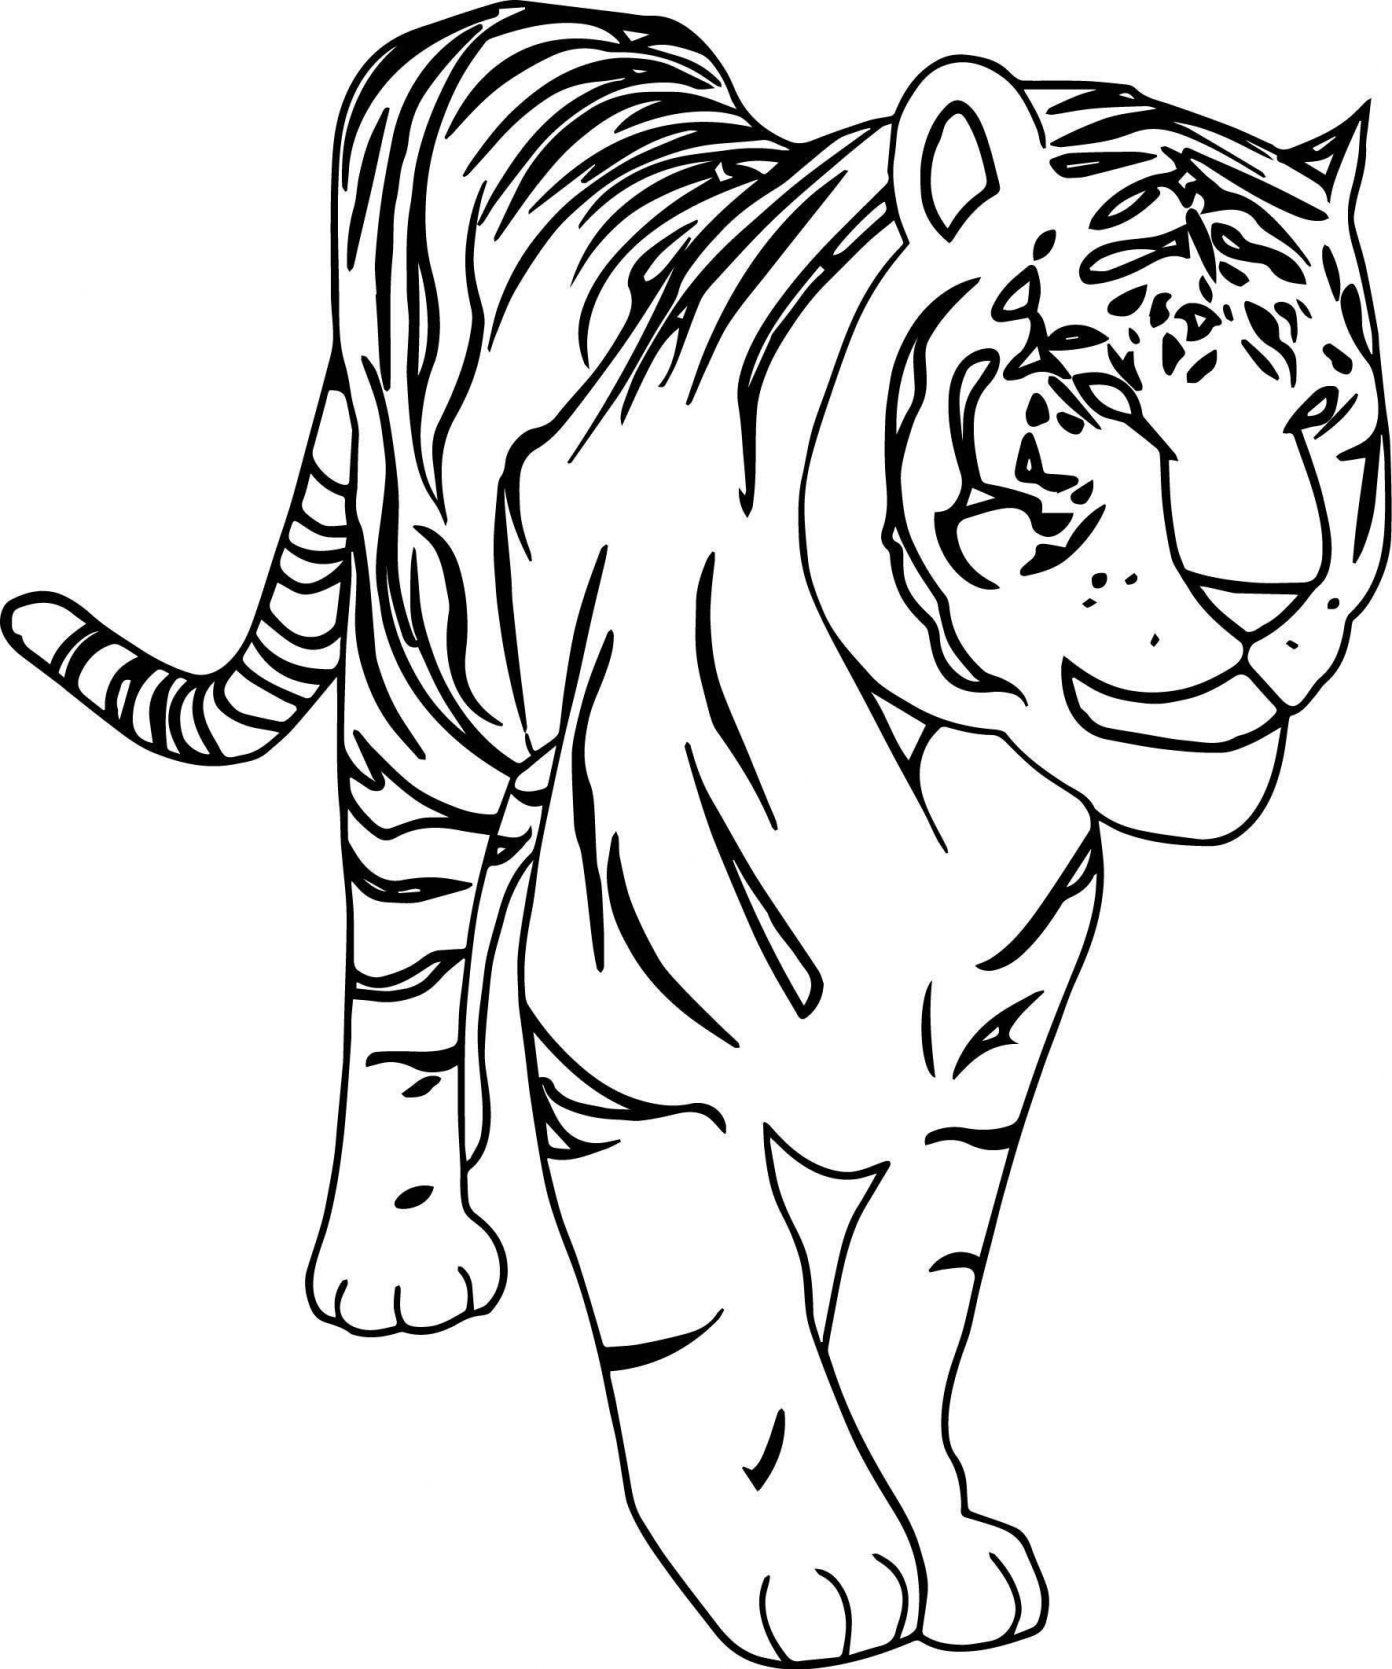 Tranh tô màu con hổ đẹp, đơn giản